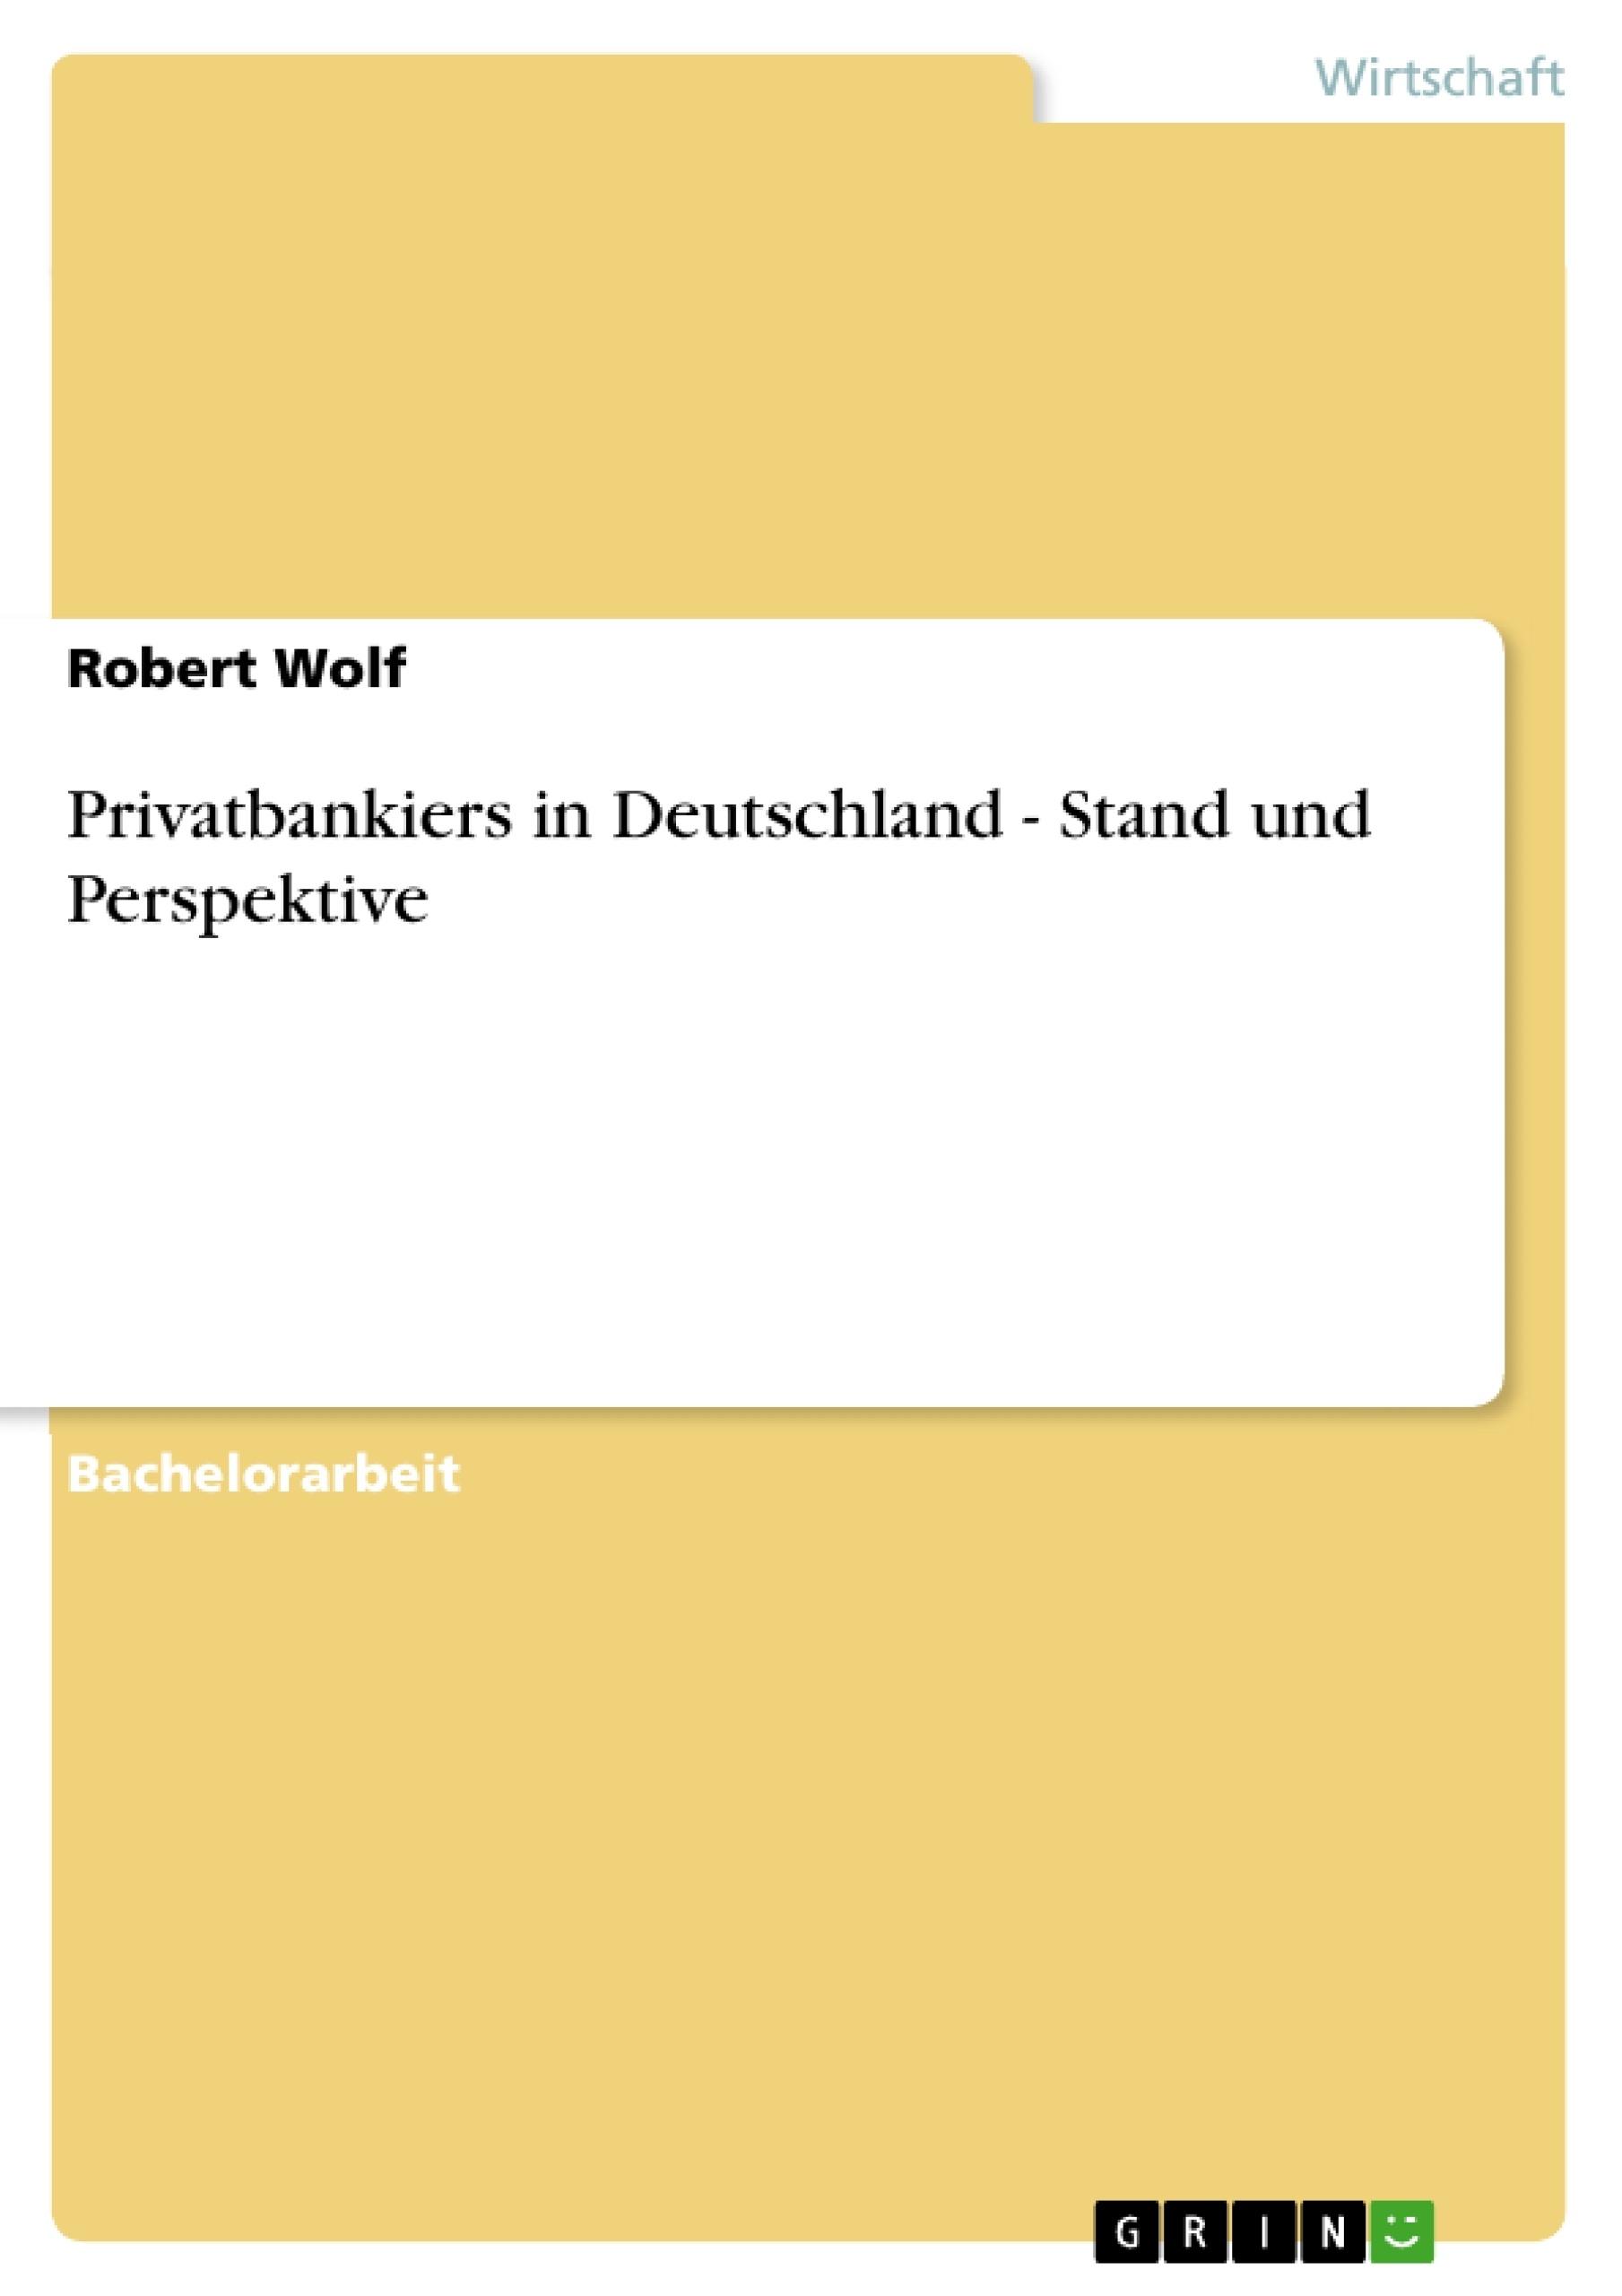 Titel: Privatbankiers in Deutschland - Stand und Perspektive